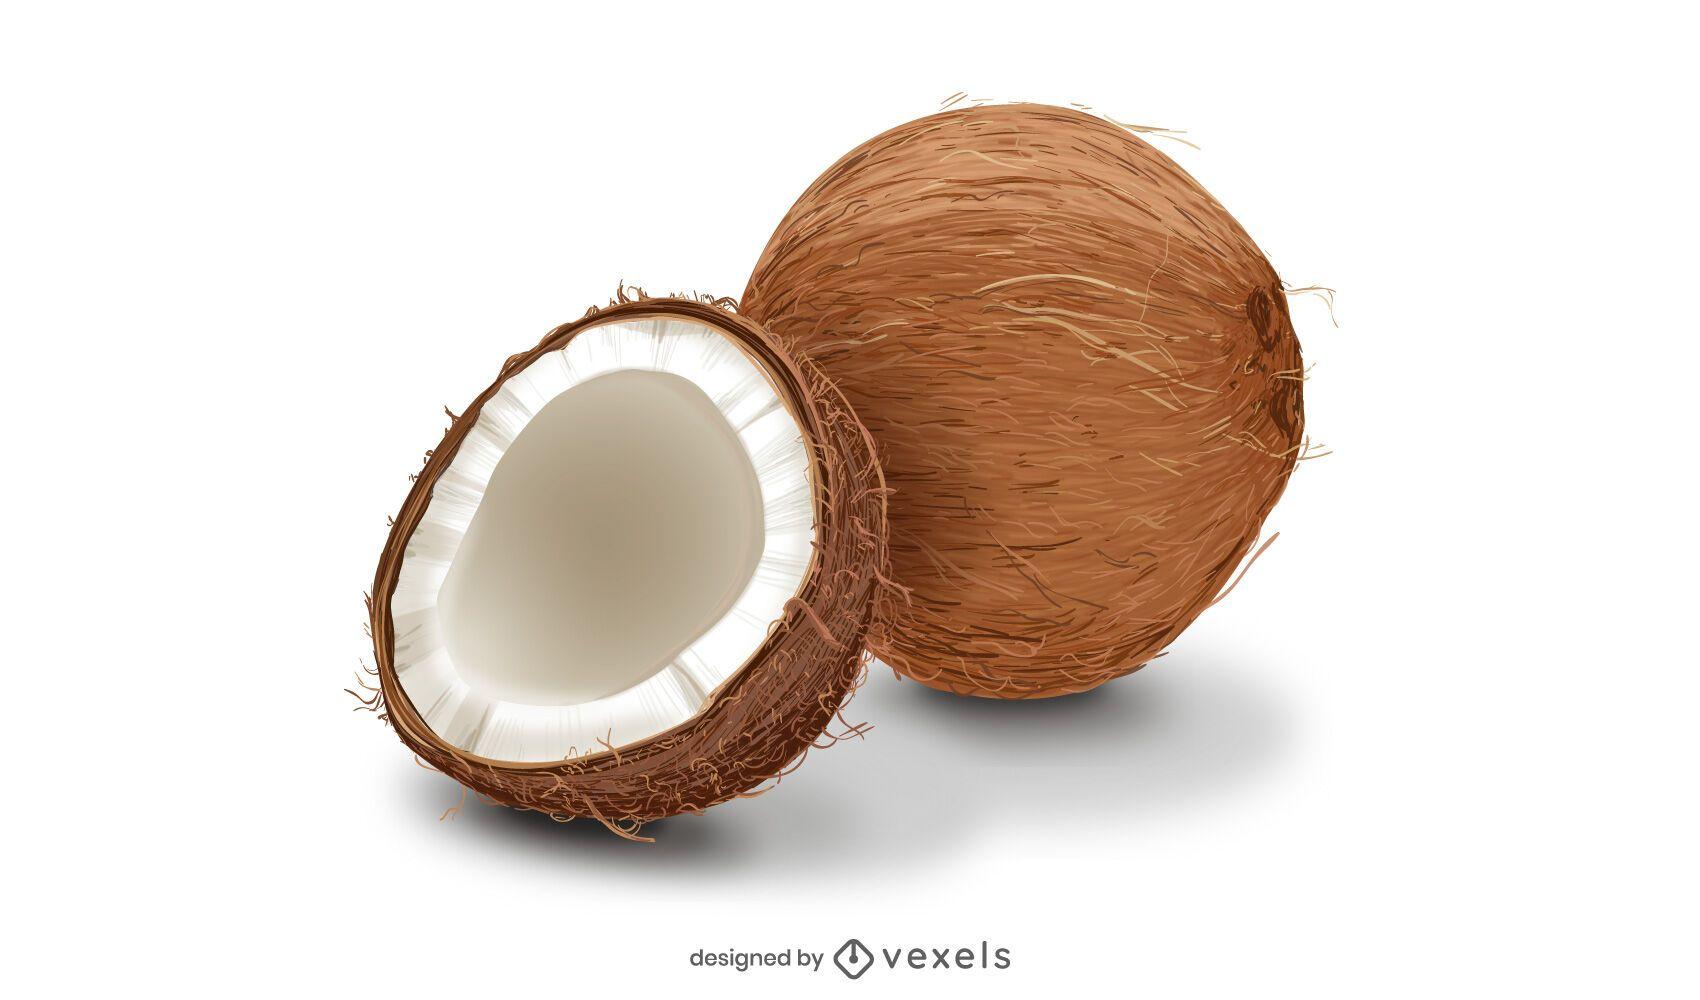 Diseño de coco realista